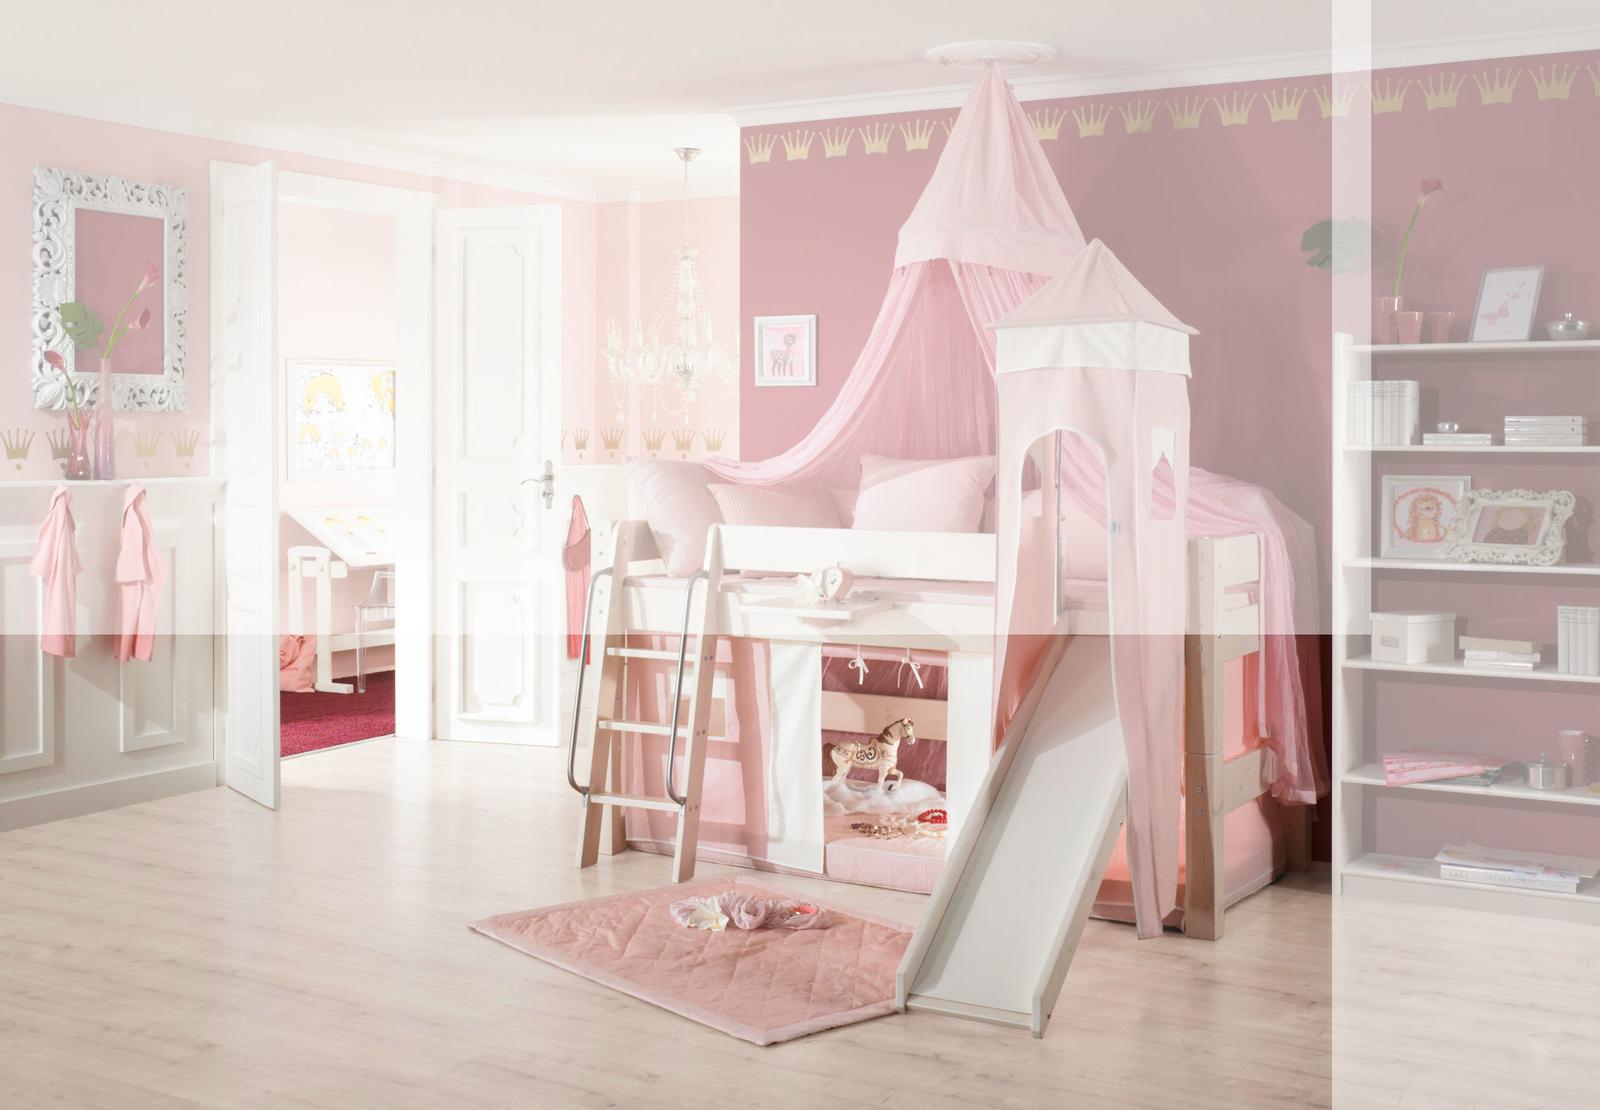 Dolphin Moby halbhohes Prinzessinnenbett mit Himmel, weiß-rosa, Bild 6